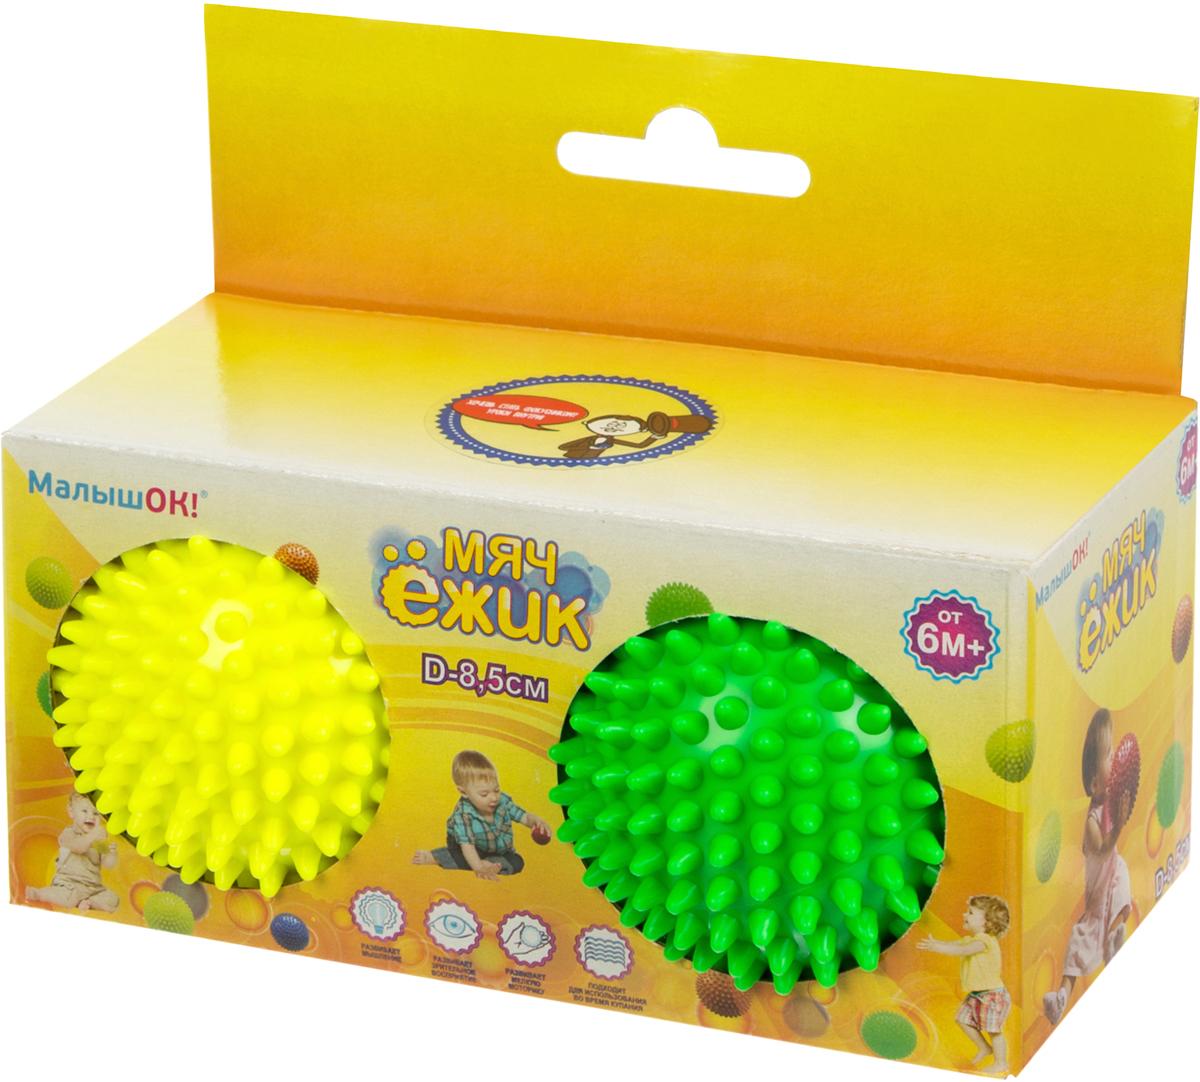 Альпина Пласт Набор мячей Ежиков цвет желтый, зеленый, 8,5 см